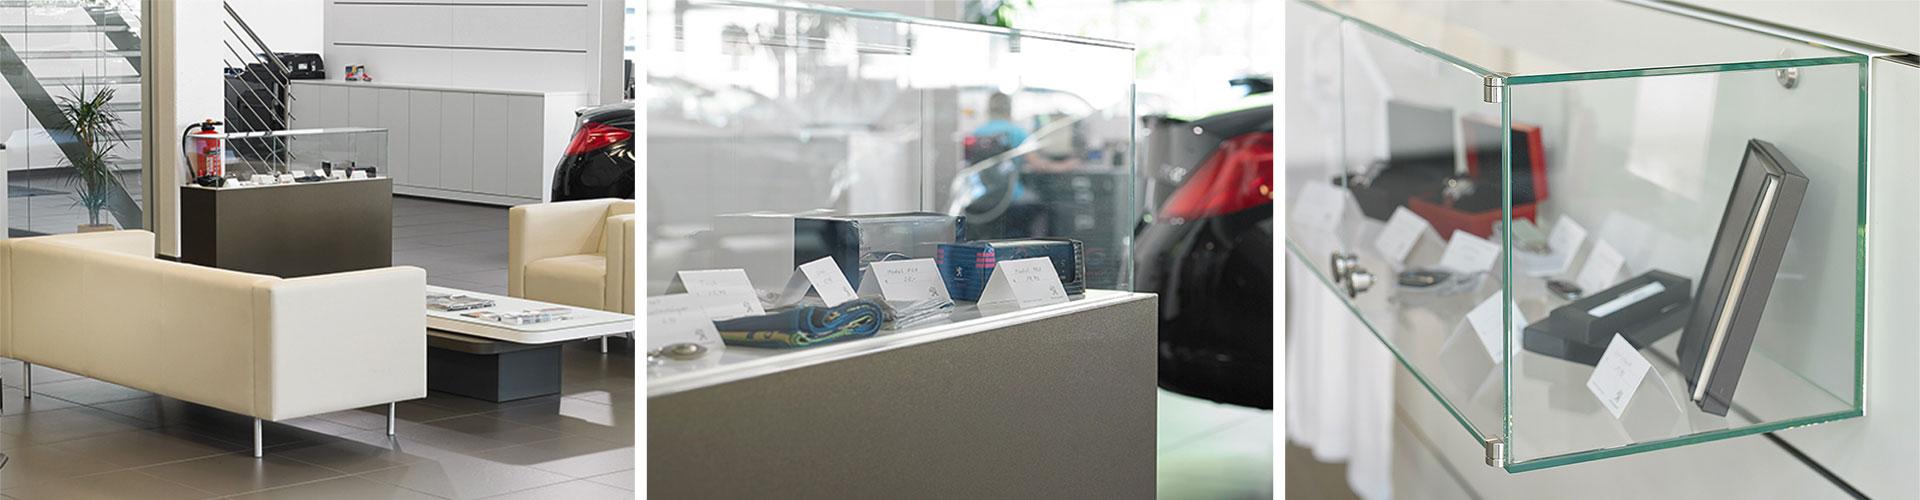 weiterverarbeitung und handel von glas uv verklebtes glas. Black Bedroom Furniture Sets. Home Design Ideas